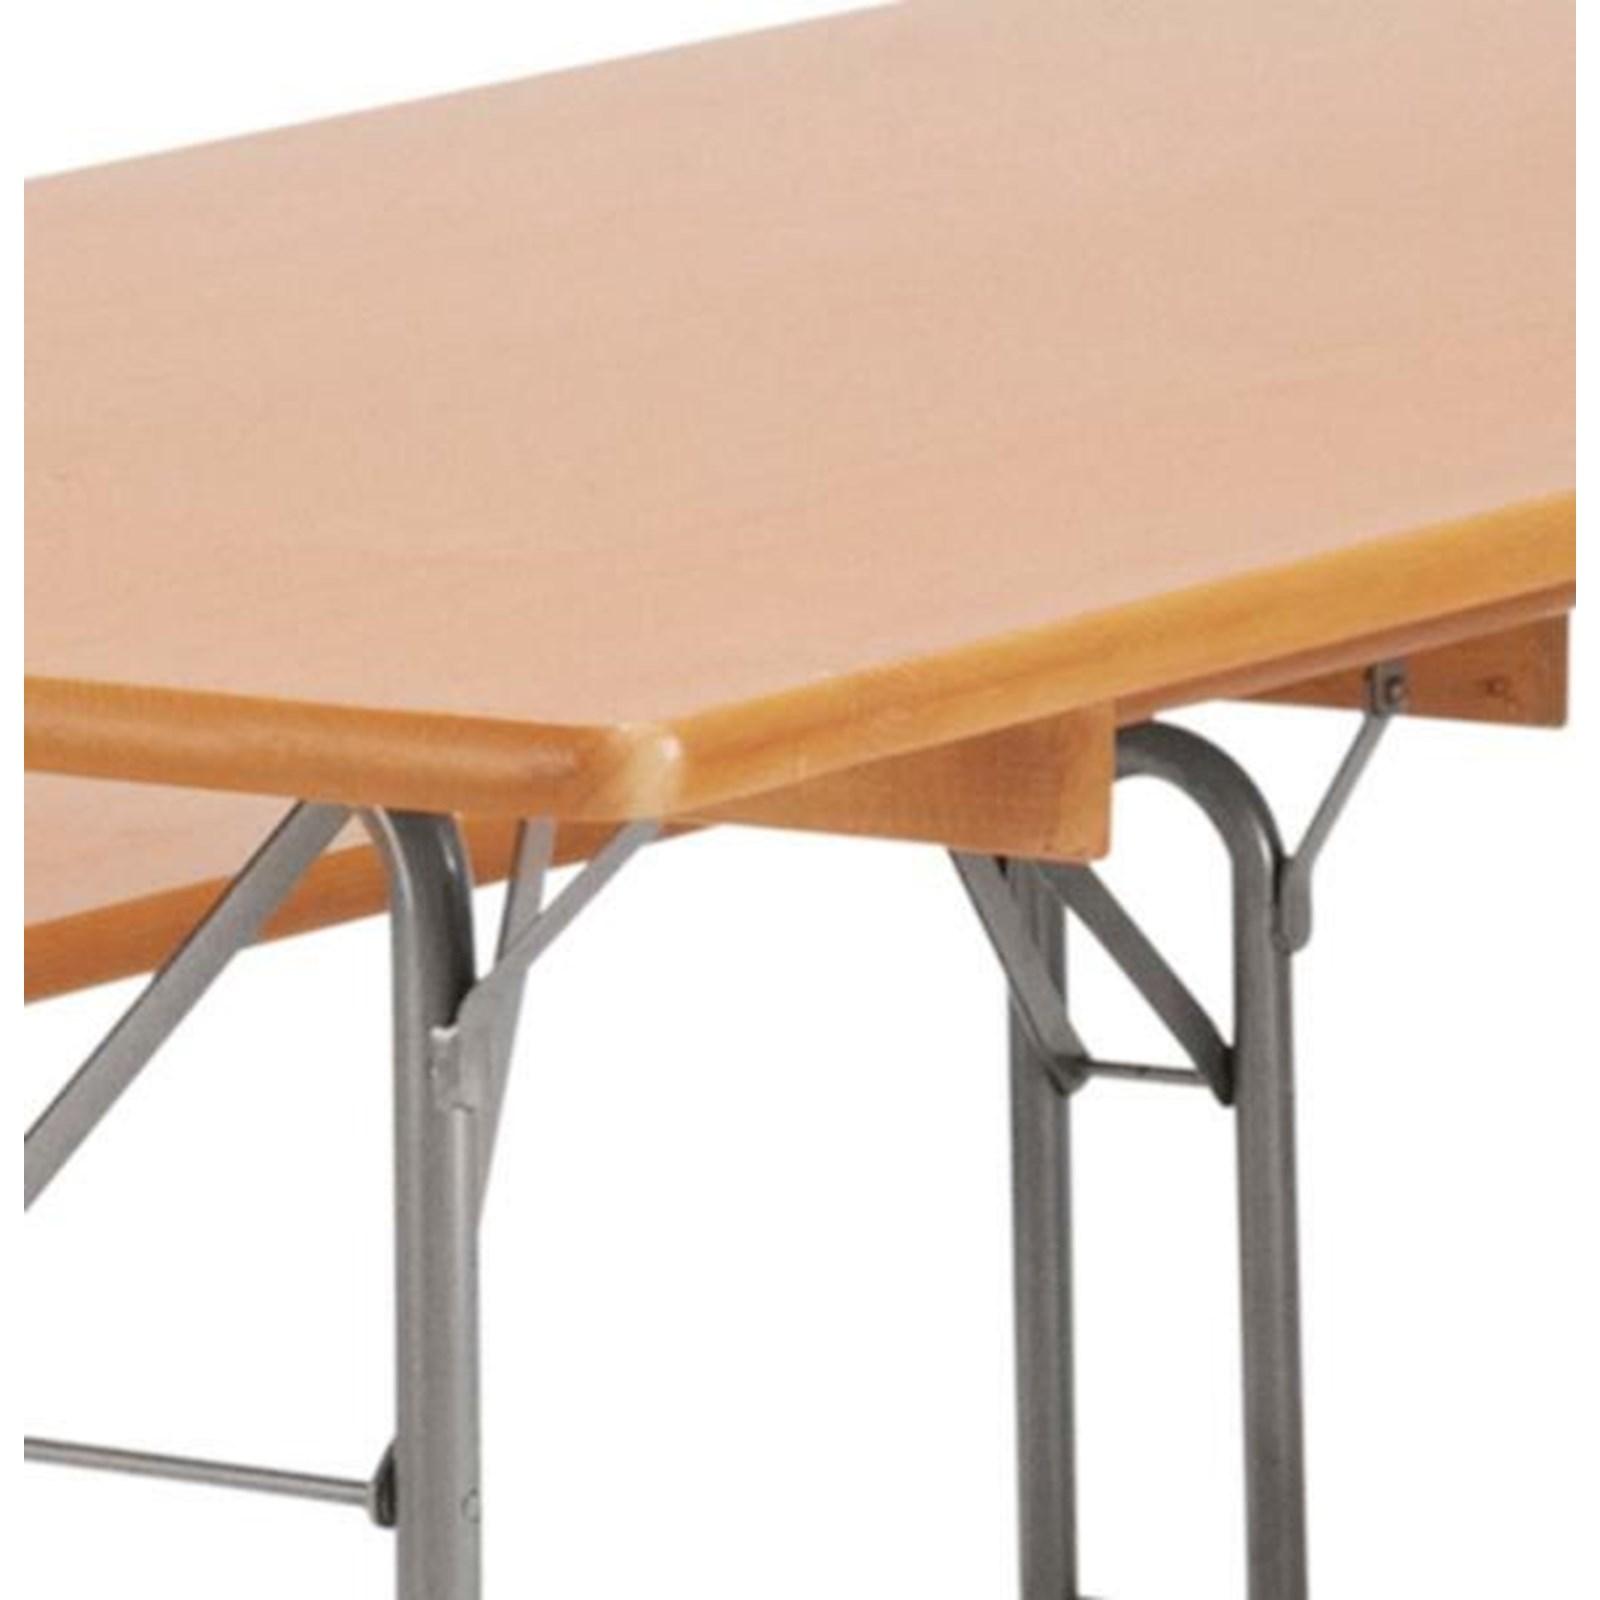 Garniture Party De Luxe 220 Cm Meubles D Exterieur Landi